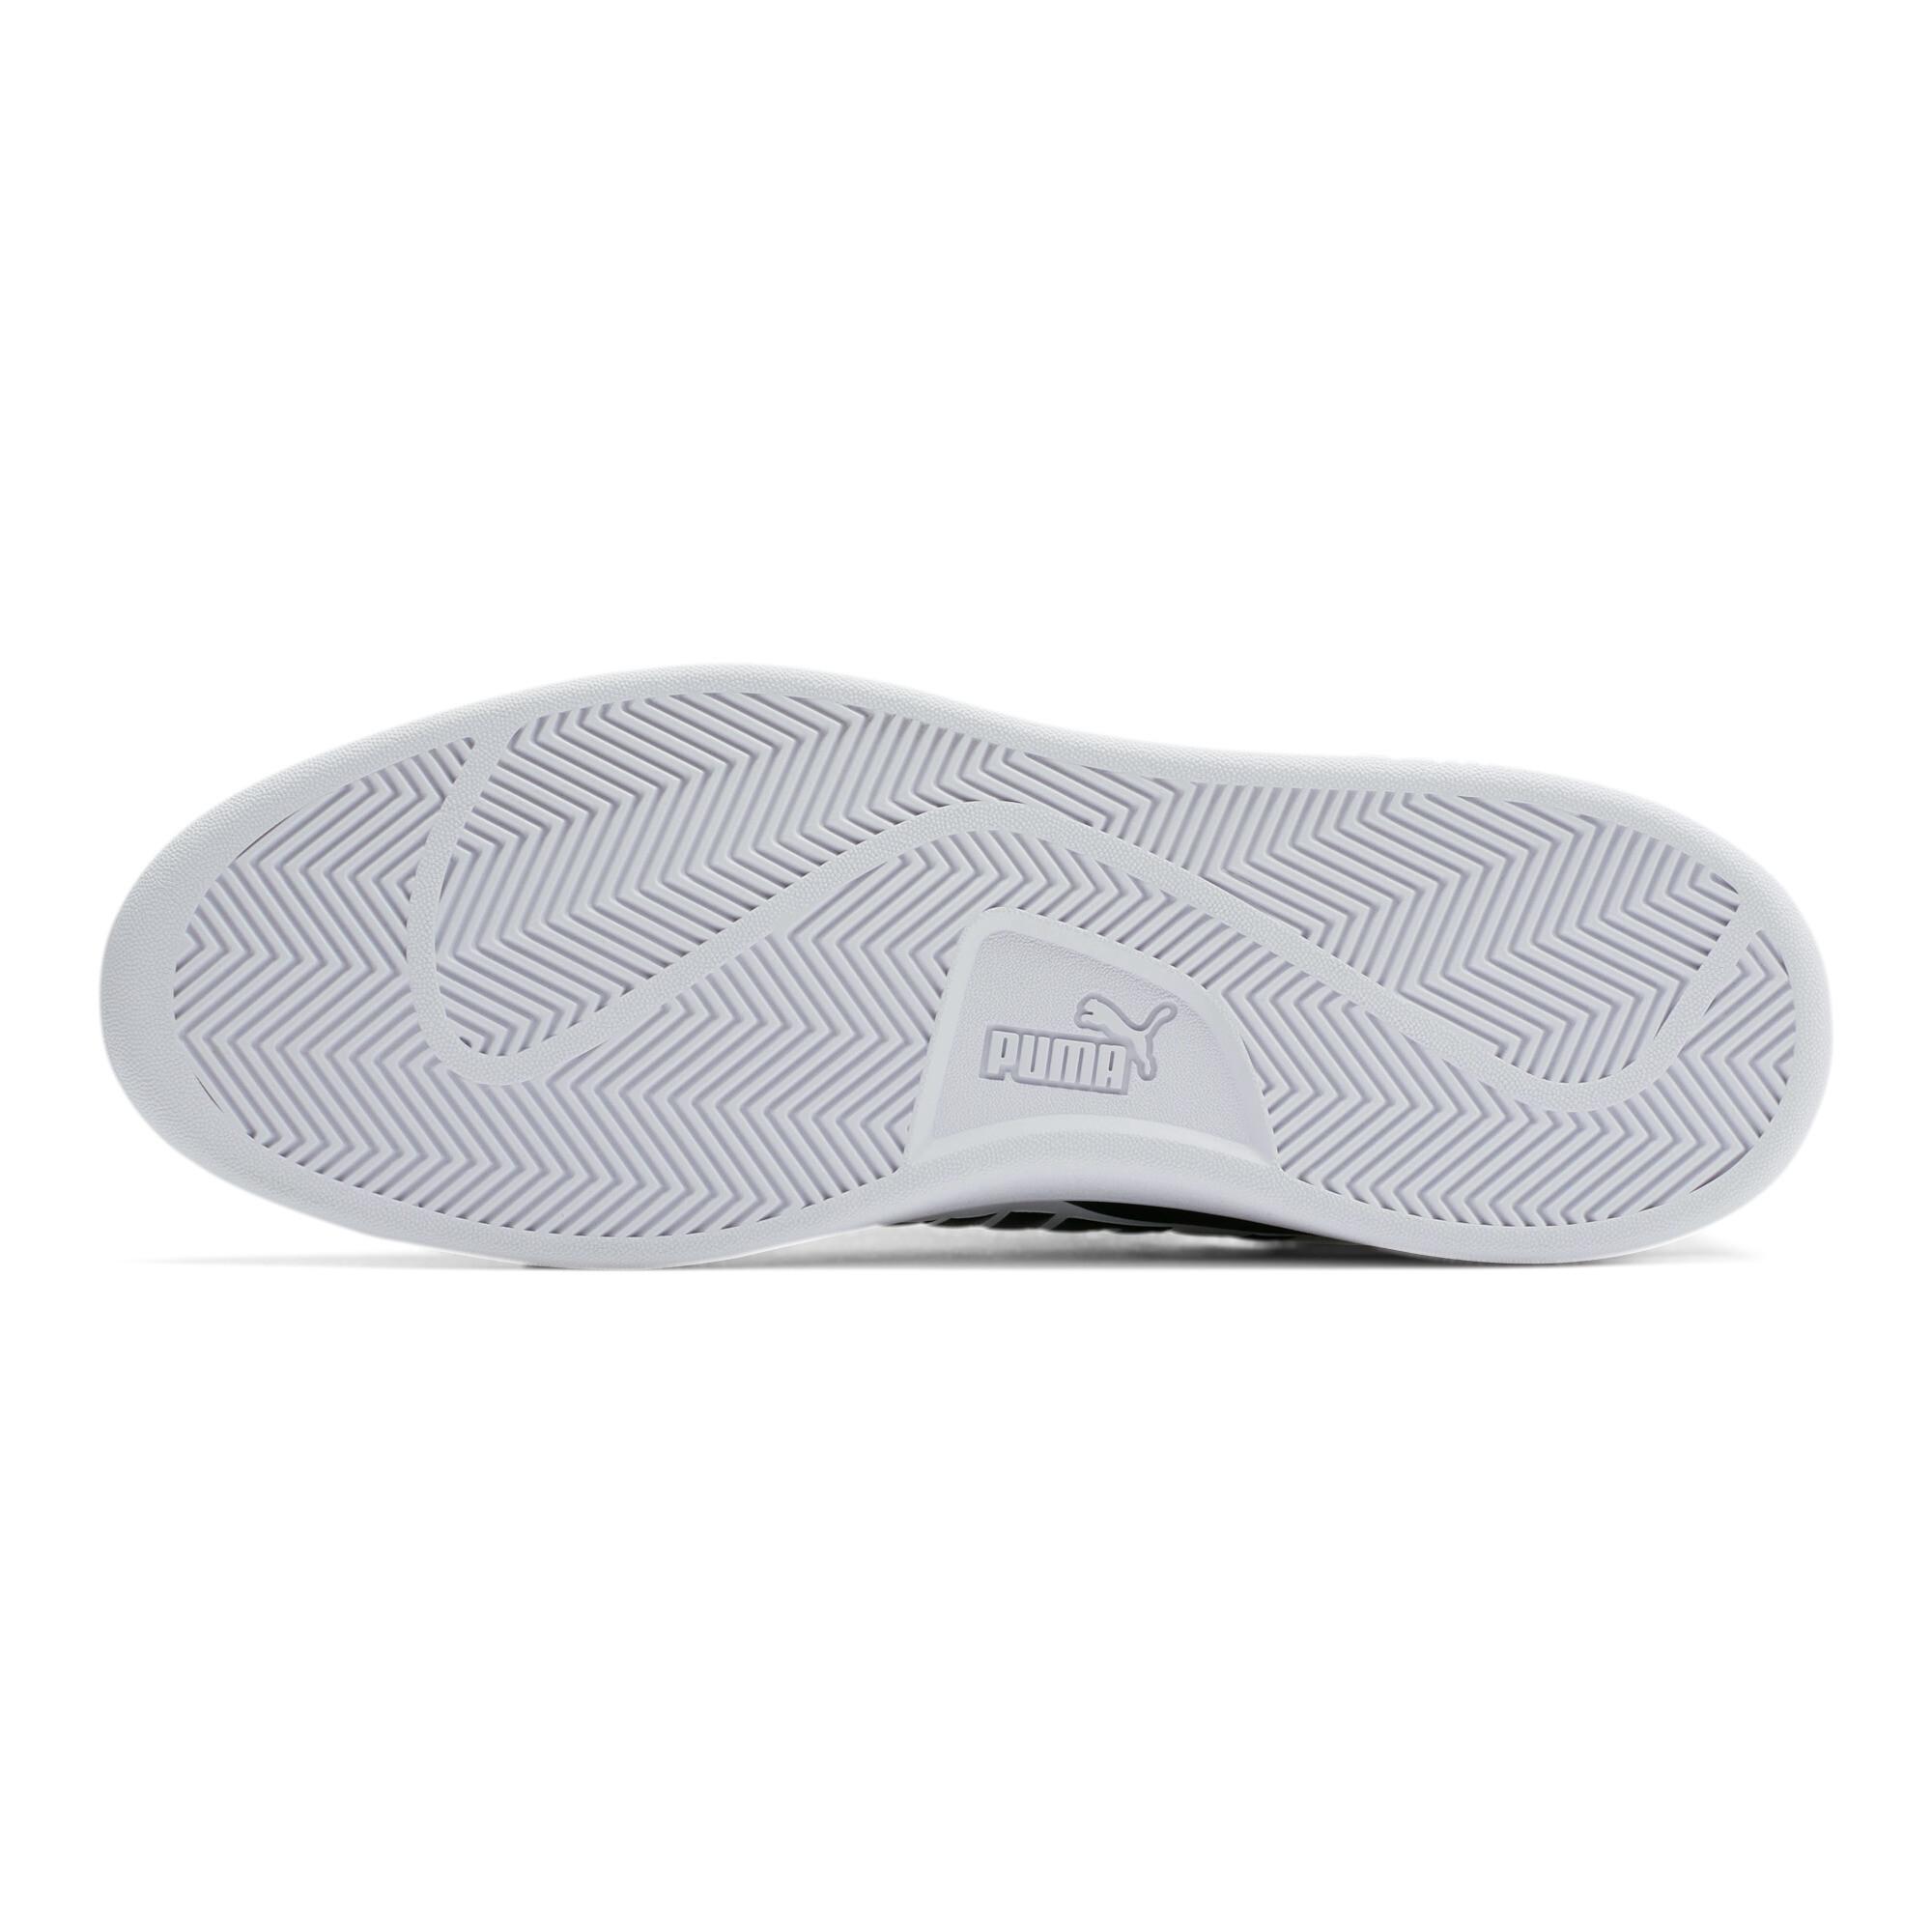 PUMA-PUMA-Smash-v2-Max-Sneakers-Men-Shoe-Basics thumbnail 5